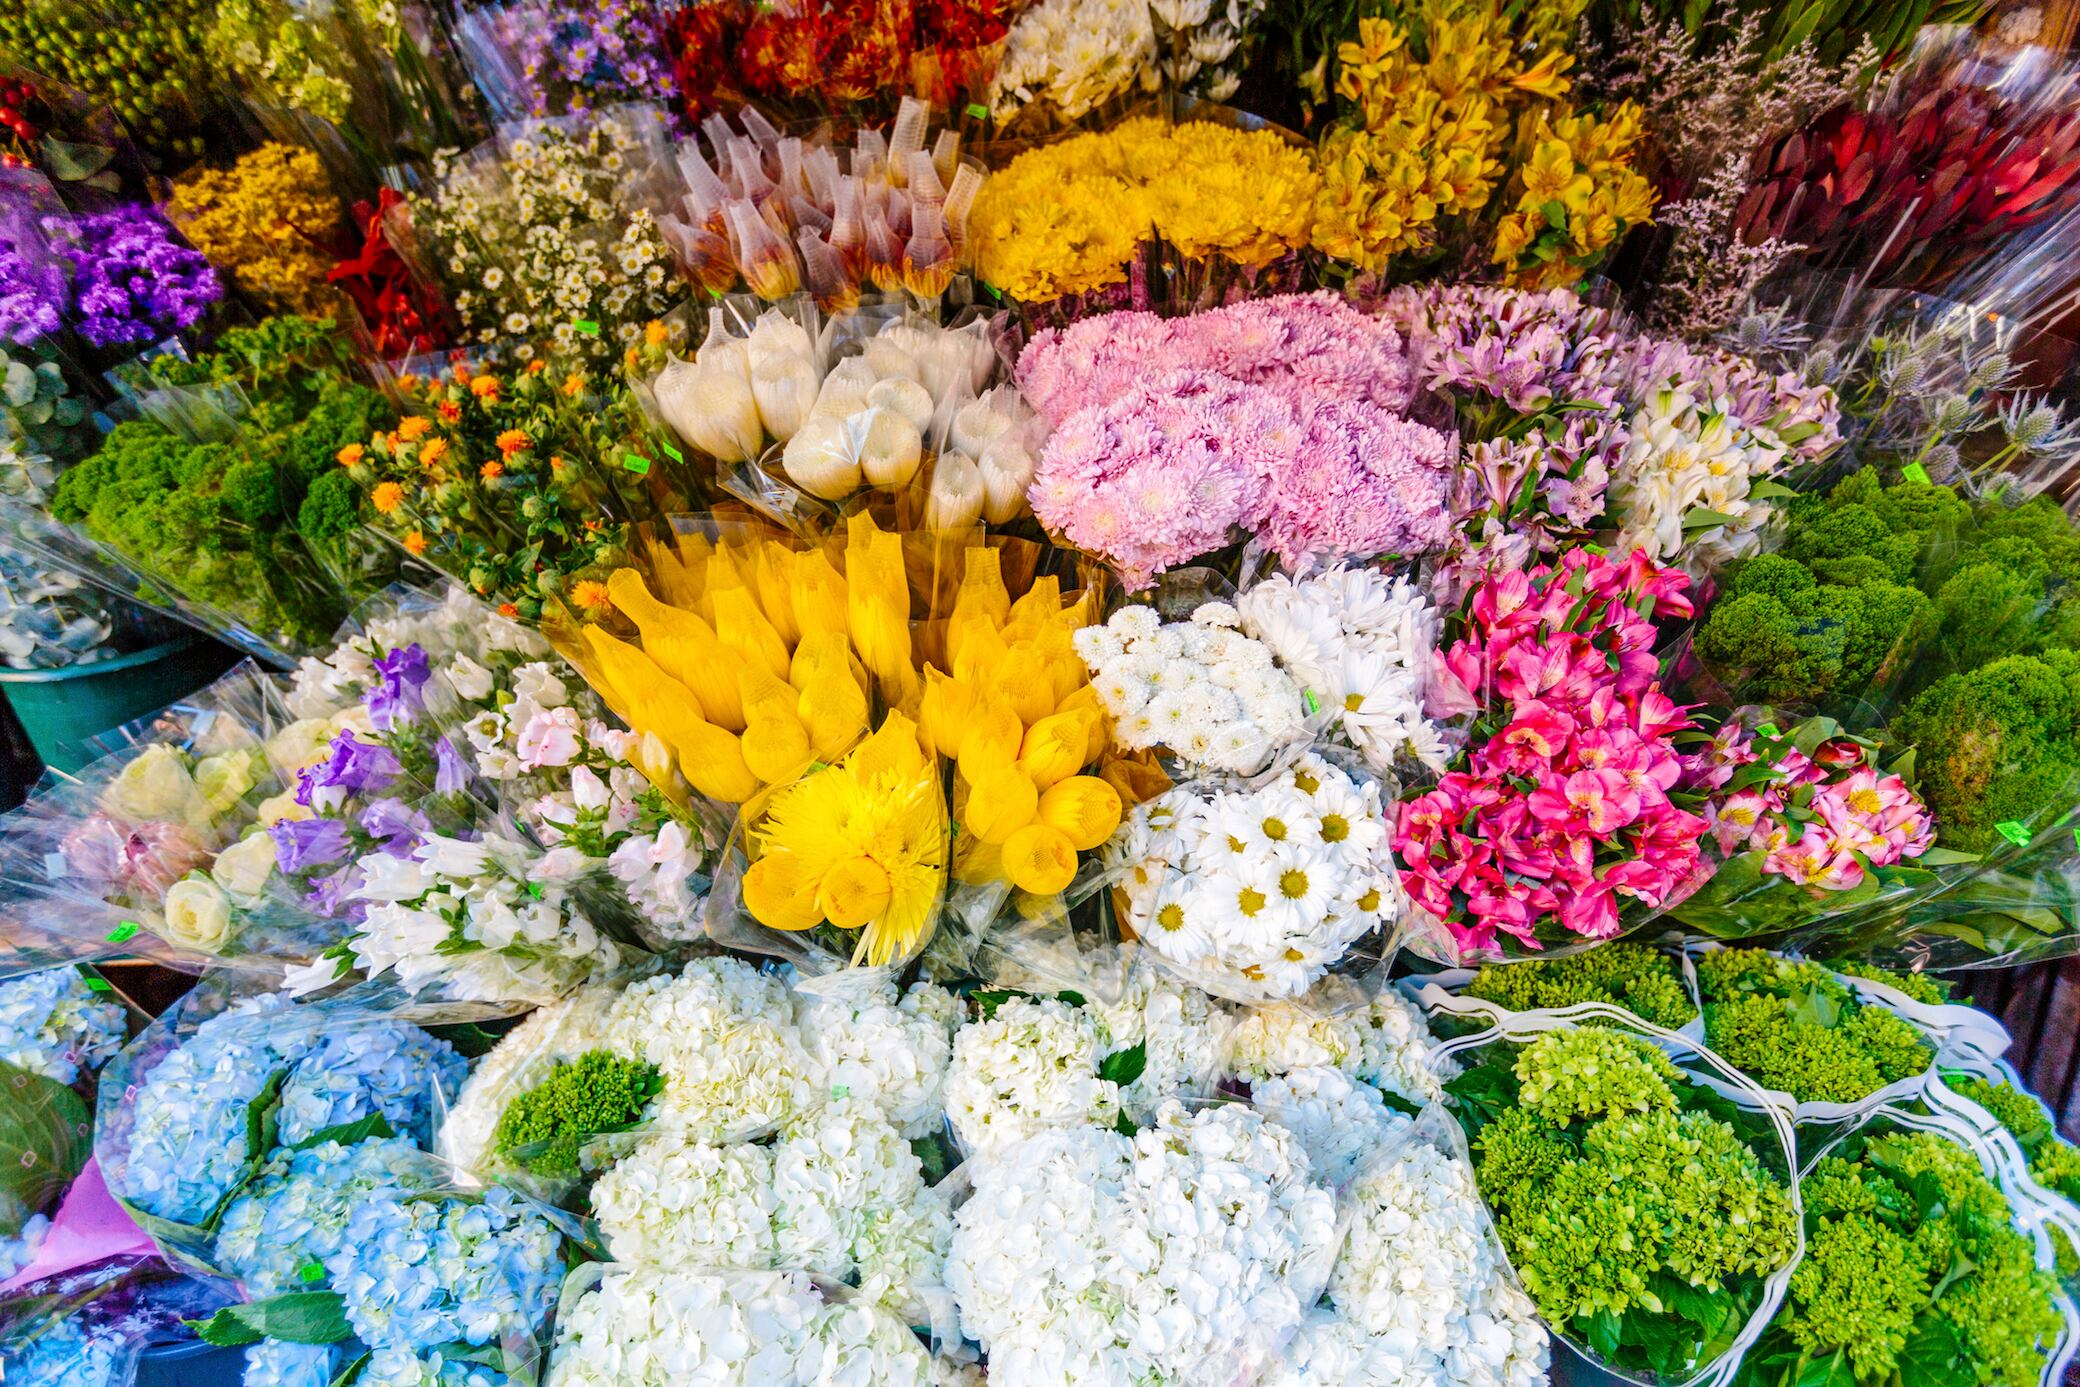 Wissen Sie, wie diese 12 Blumenarten üblicherweise heißen?